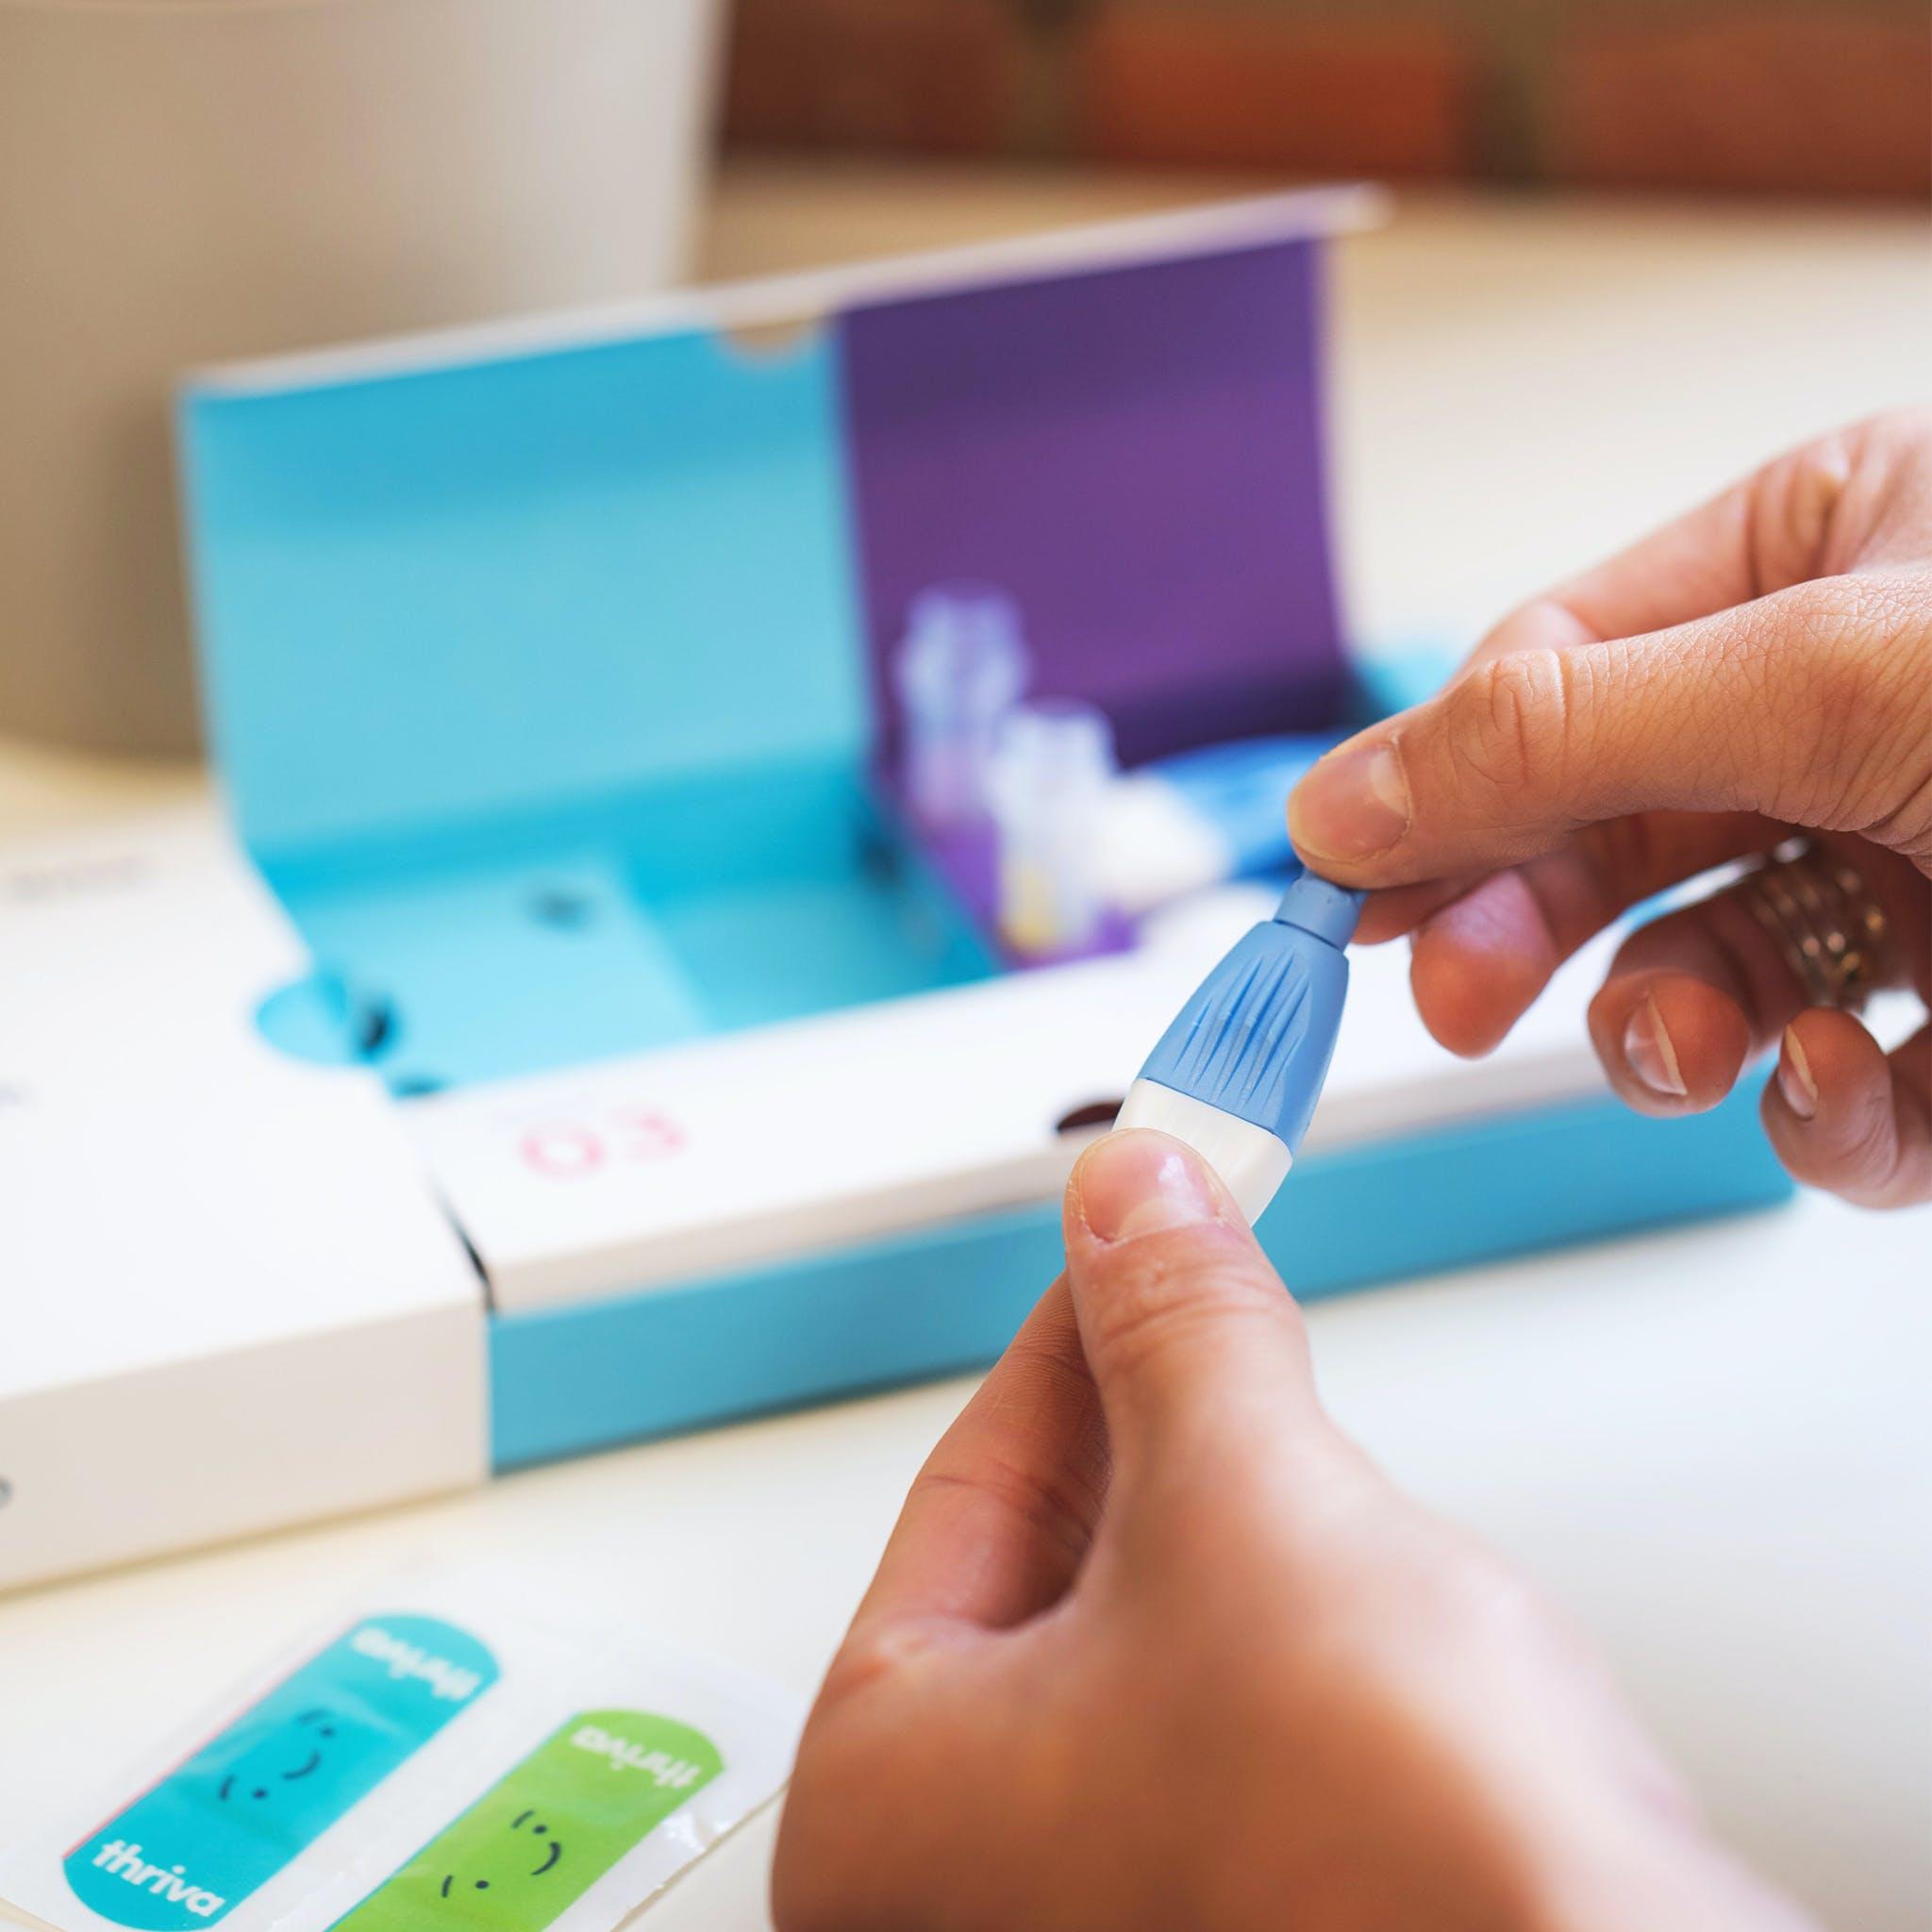 Thriva home finger-prick blood test kit